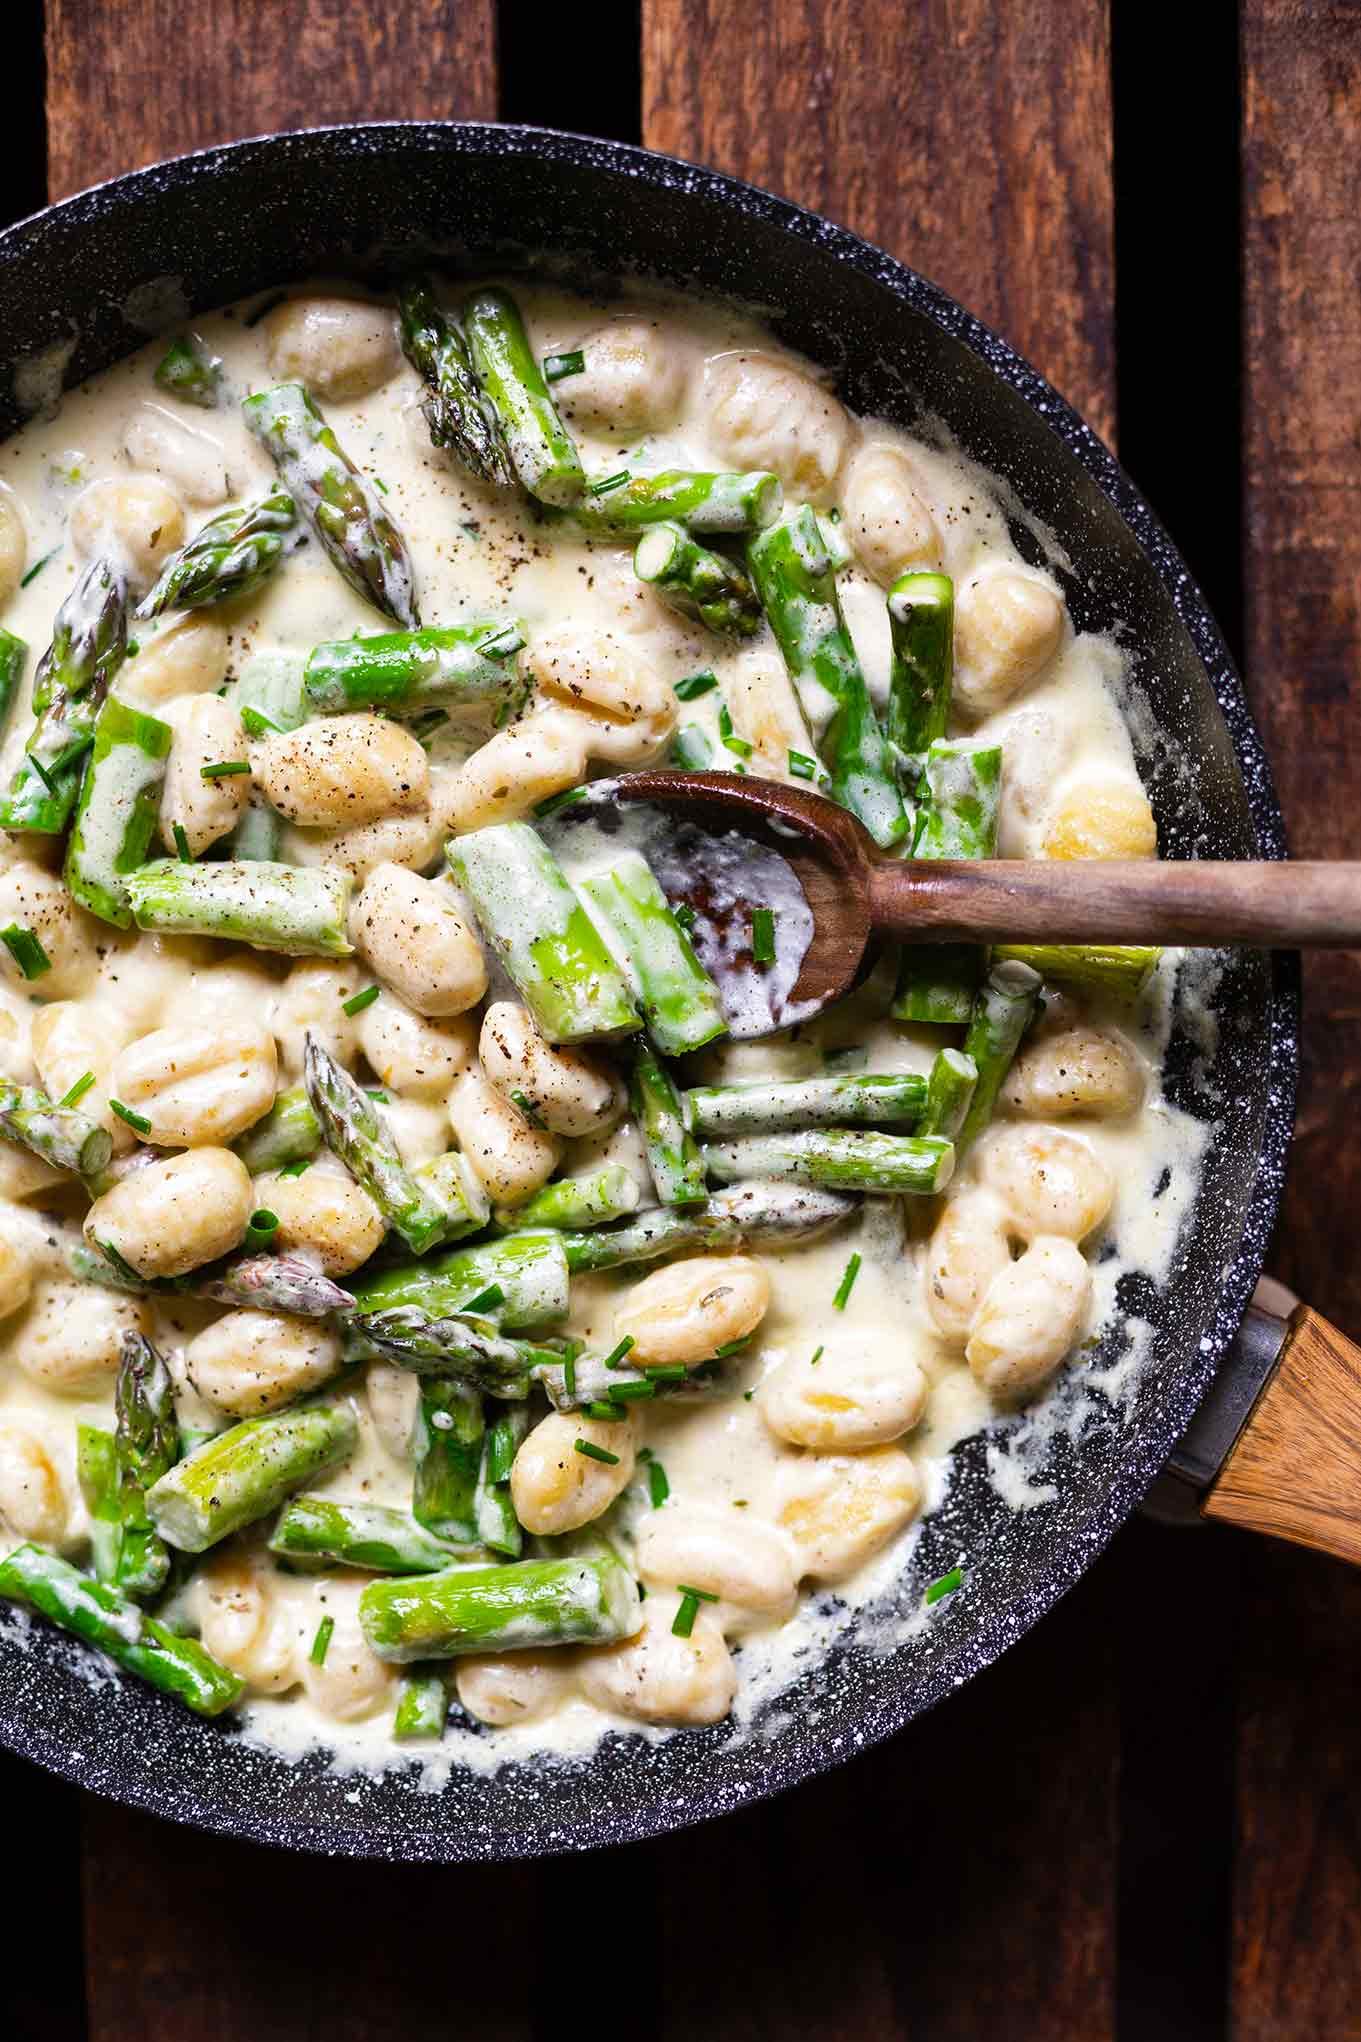 Vegetarische Gnocchi-Pfanne mit grünem Spargel. Dieses Spargelrezept ist super einfach & in 20 Min auf dem Tisch. Das perfekte 5-Zutaten Feierabendrezept! Cremig, würzig und super lecker. Kochkarussell - dein Foodblog für schnelle und einfacher Feierabend Rezepte.